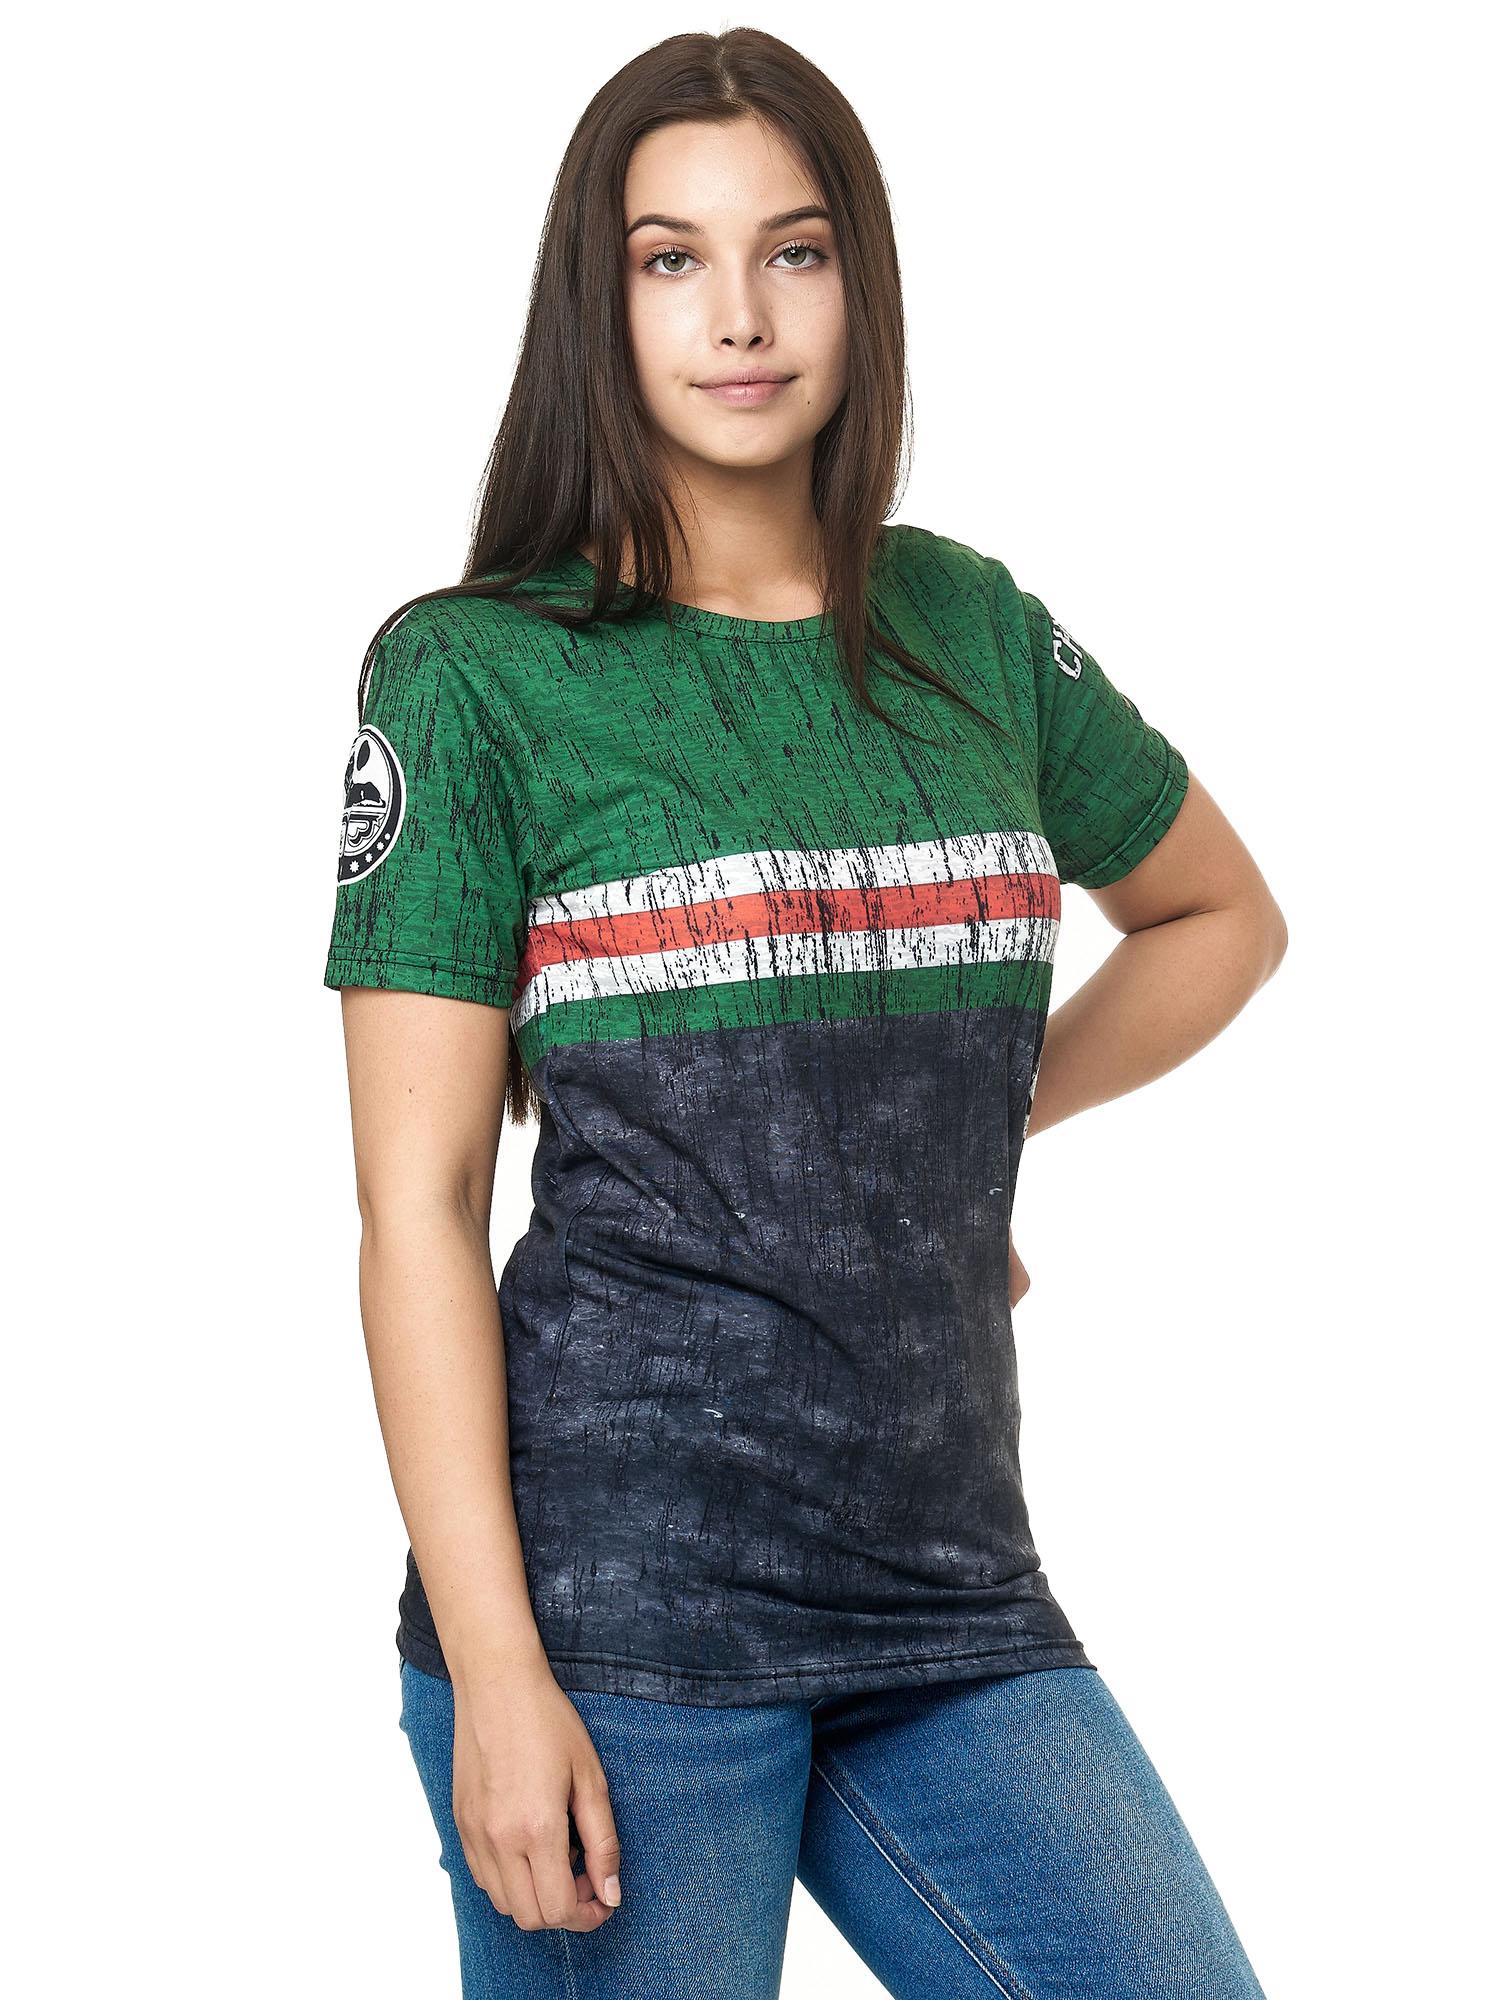 Paesi-da-Donna-T-shirt-A-Maniche-Corte-Girocollo-donne-CALCIO-Fanshirt-John-Kayna miniatura 39